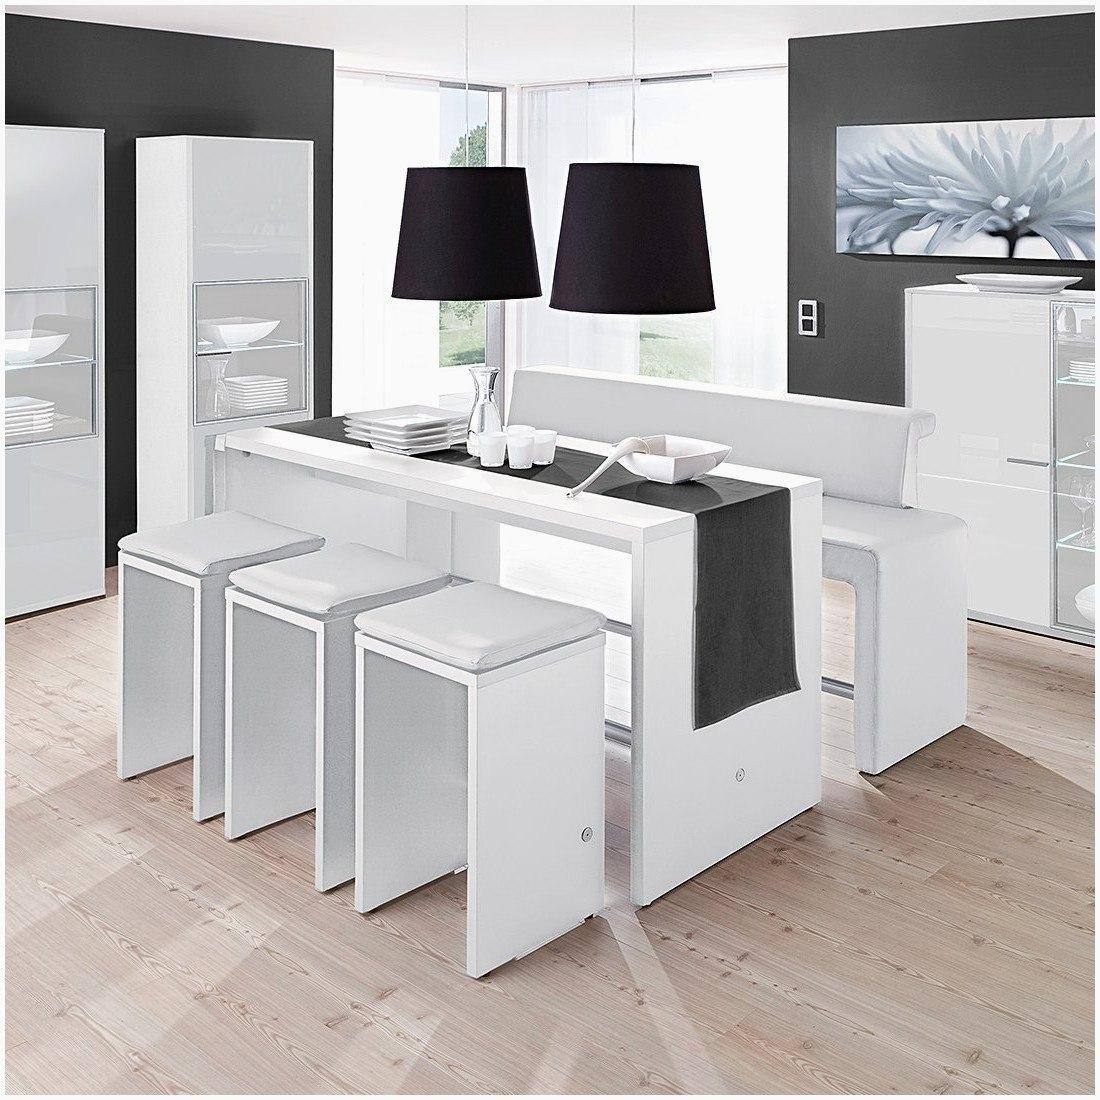 Ilot Cuisine Modulable: Ilot Cuisine Table Ikea